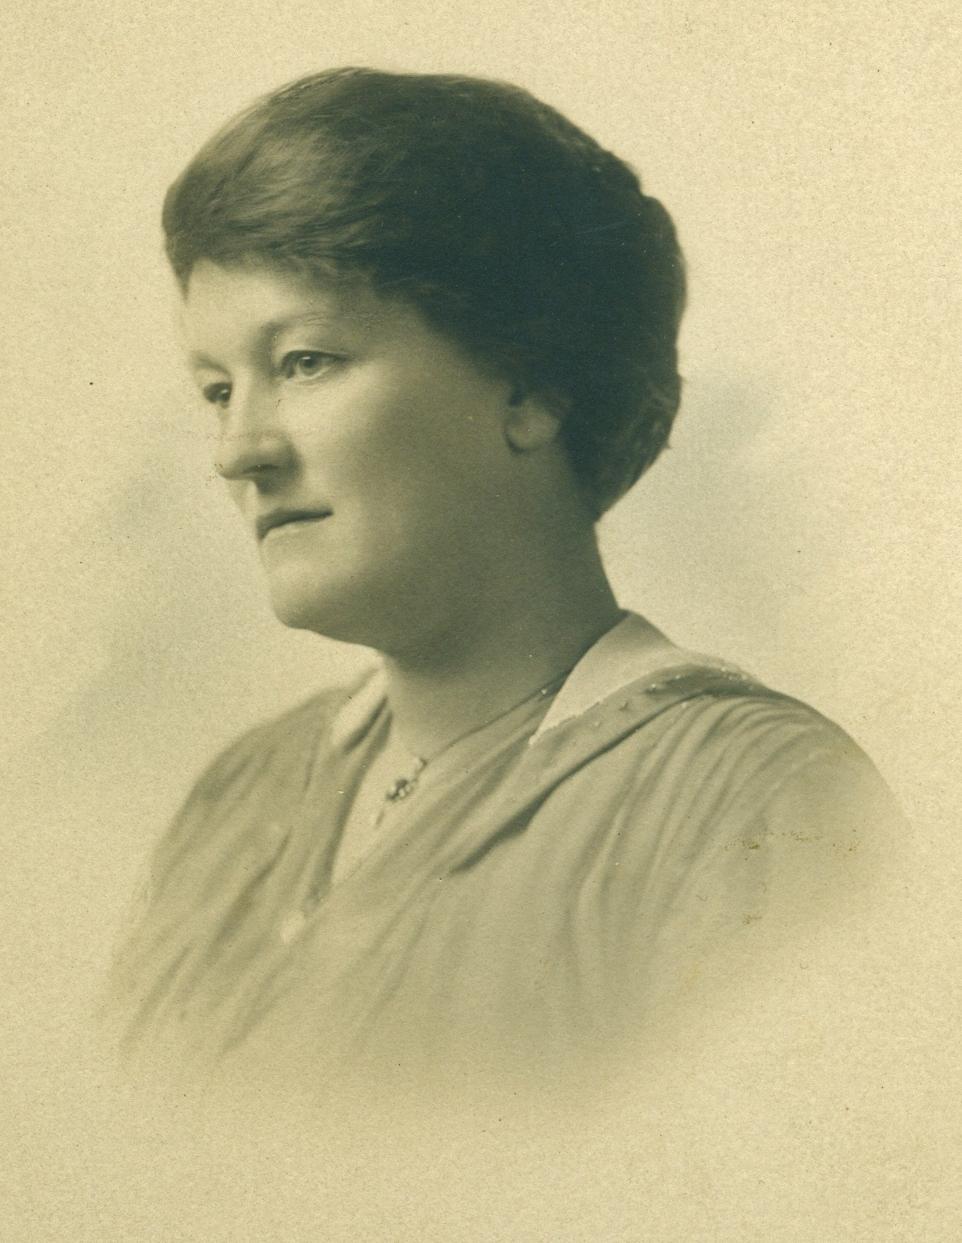 Mrs. MacKechnie